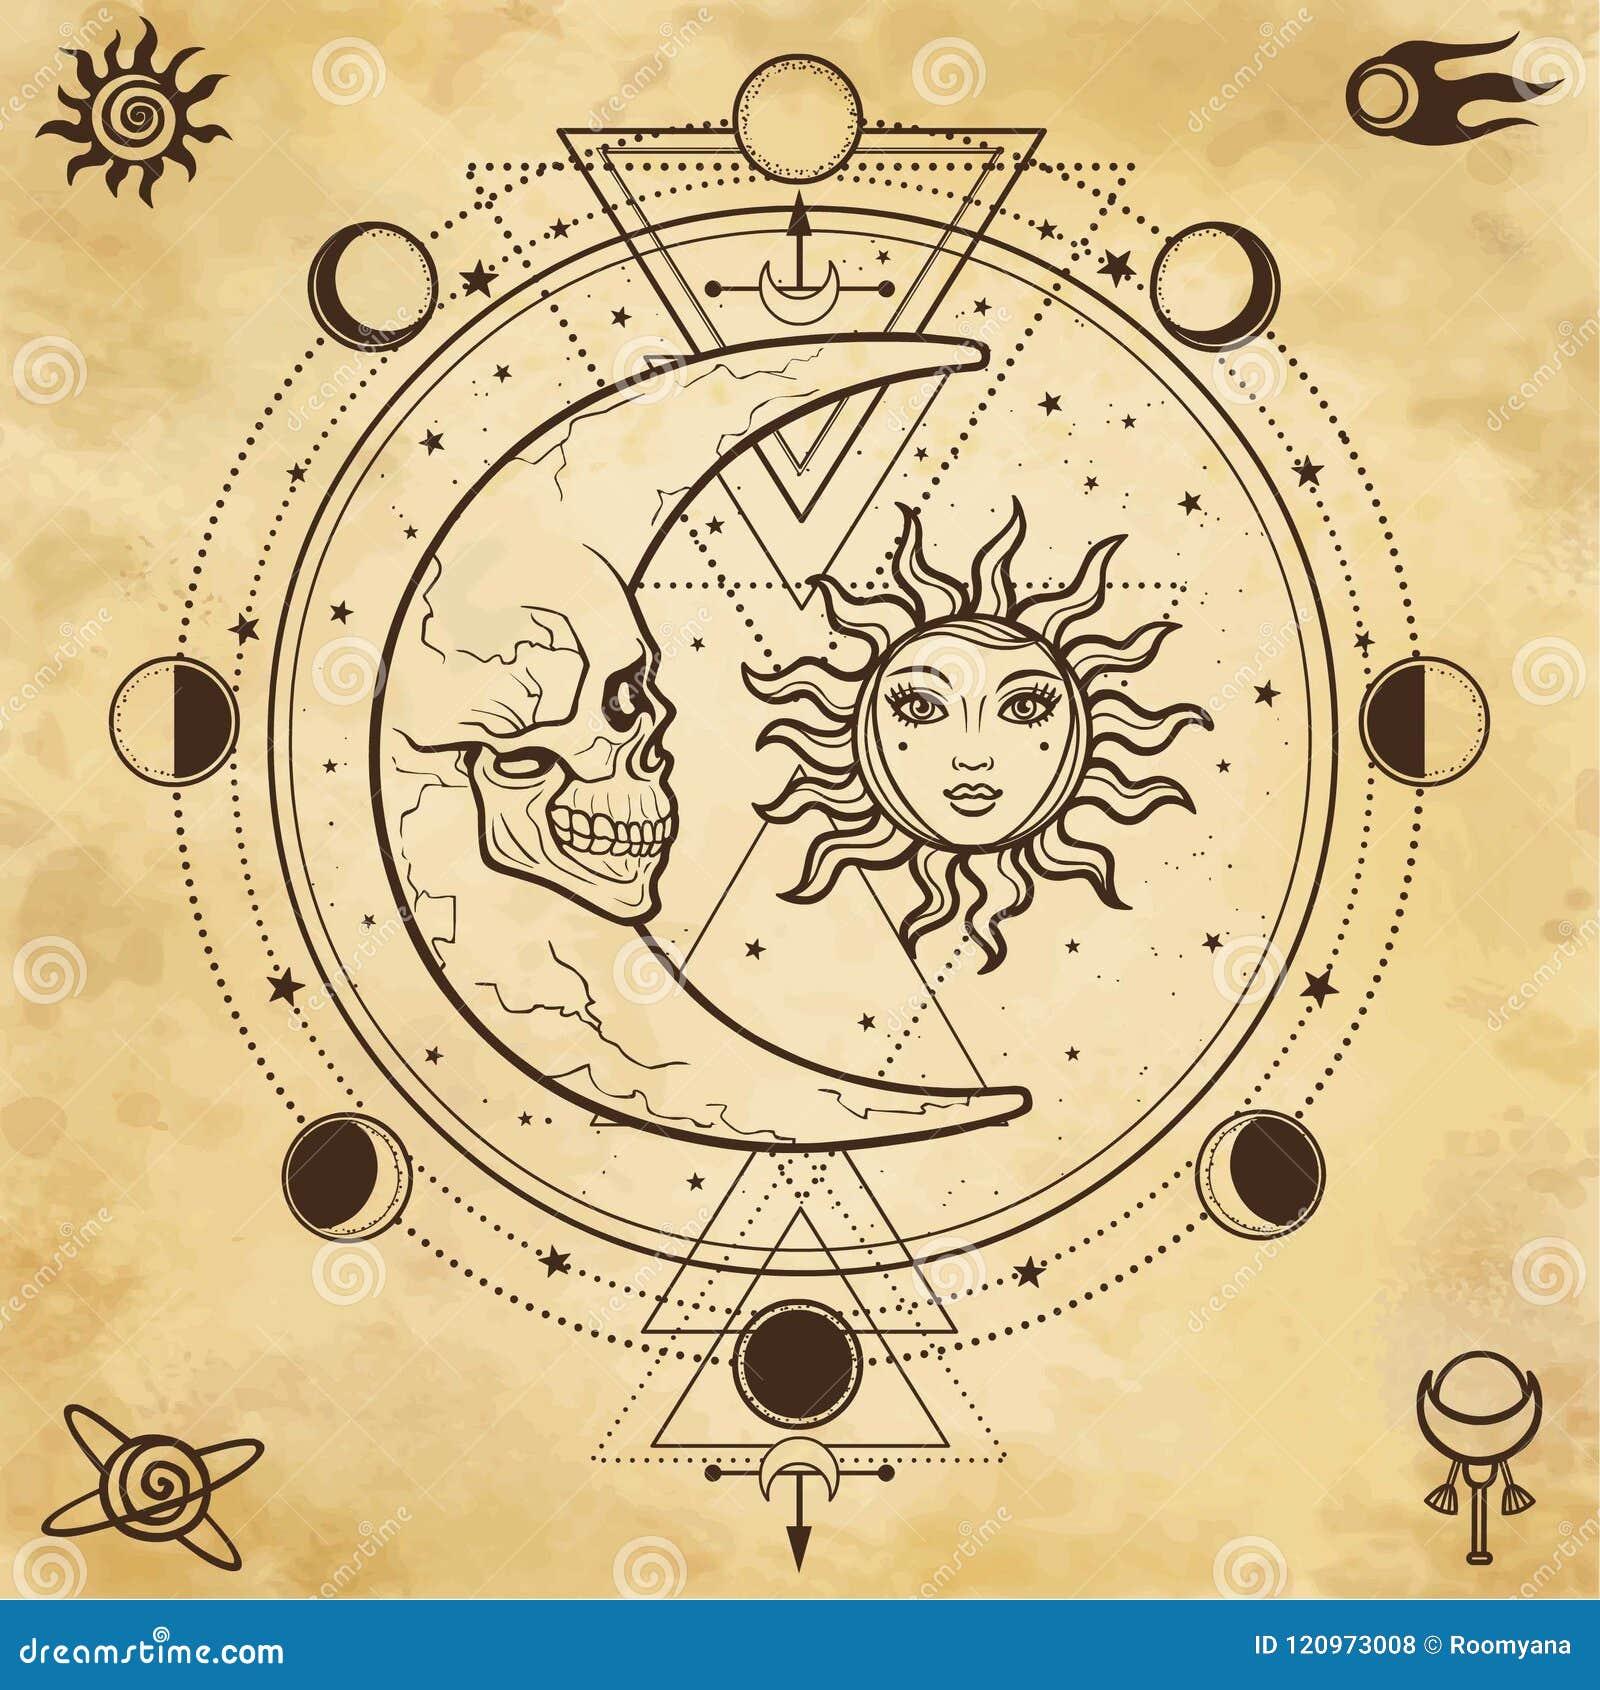 Dibujo Místico Sol Y Luna Con Los Rostros Humanos Círculo De Una